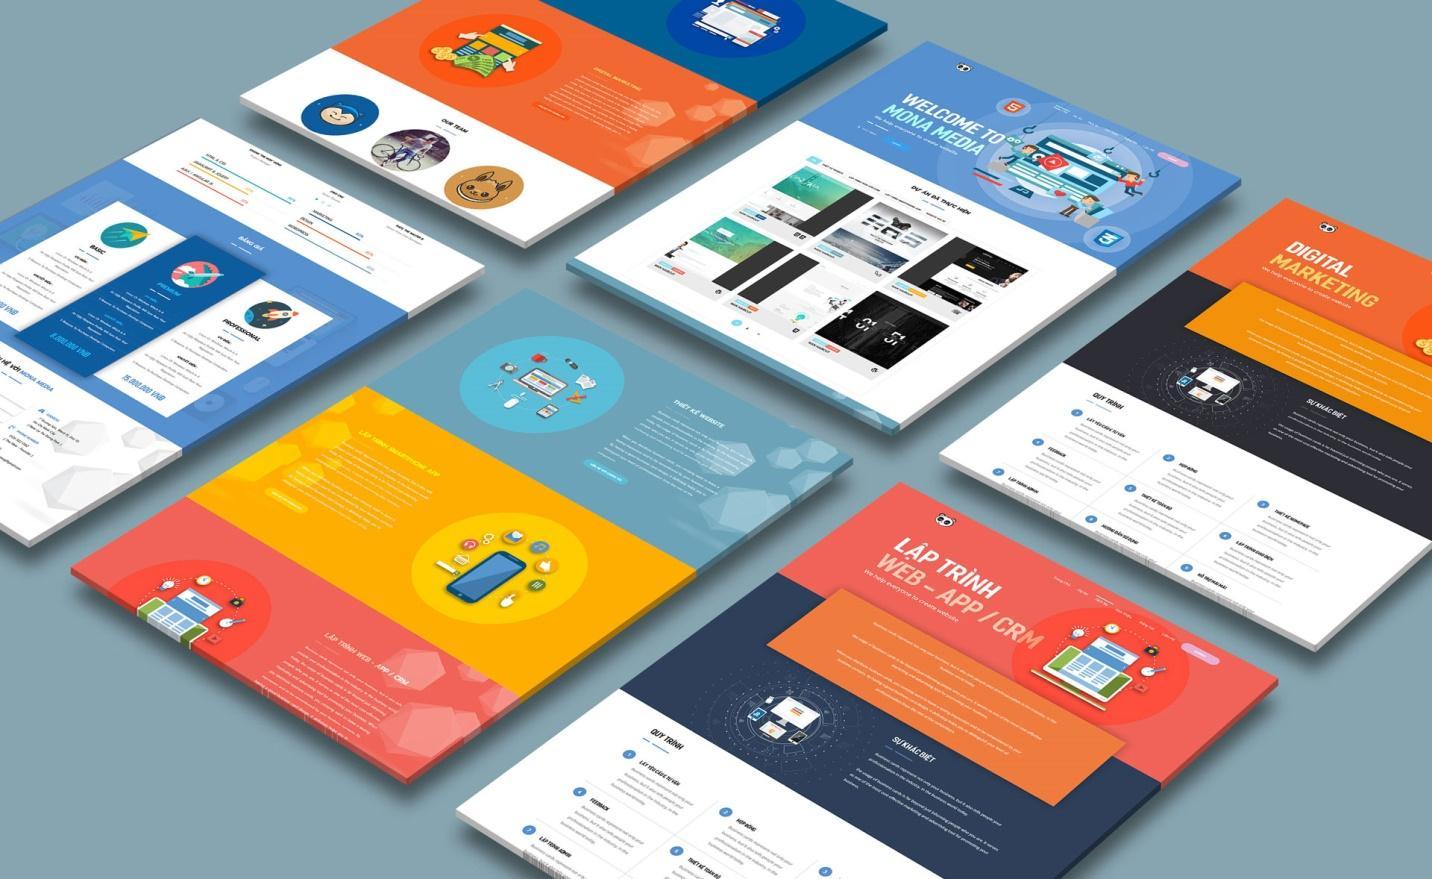 Thiết kế website - việc làm online 2021 tiềm năng